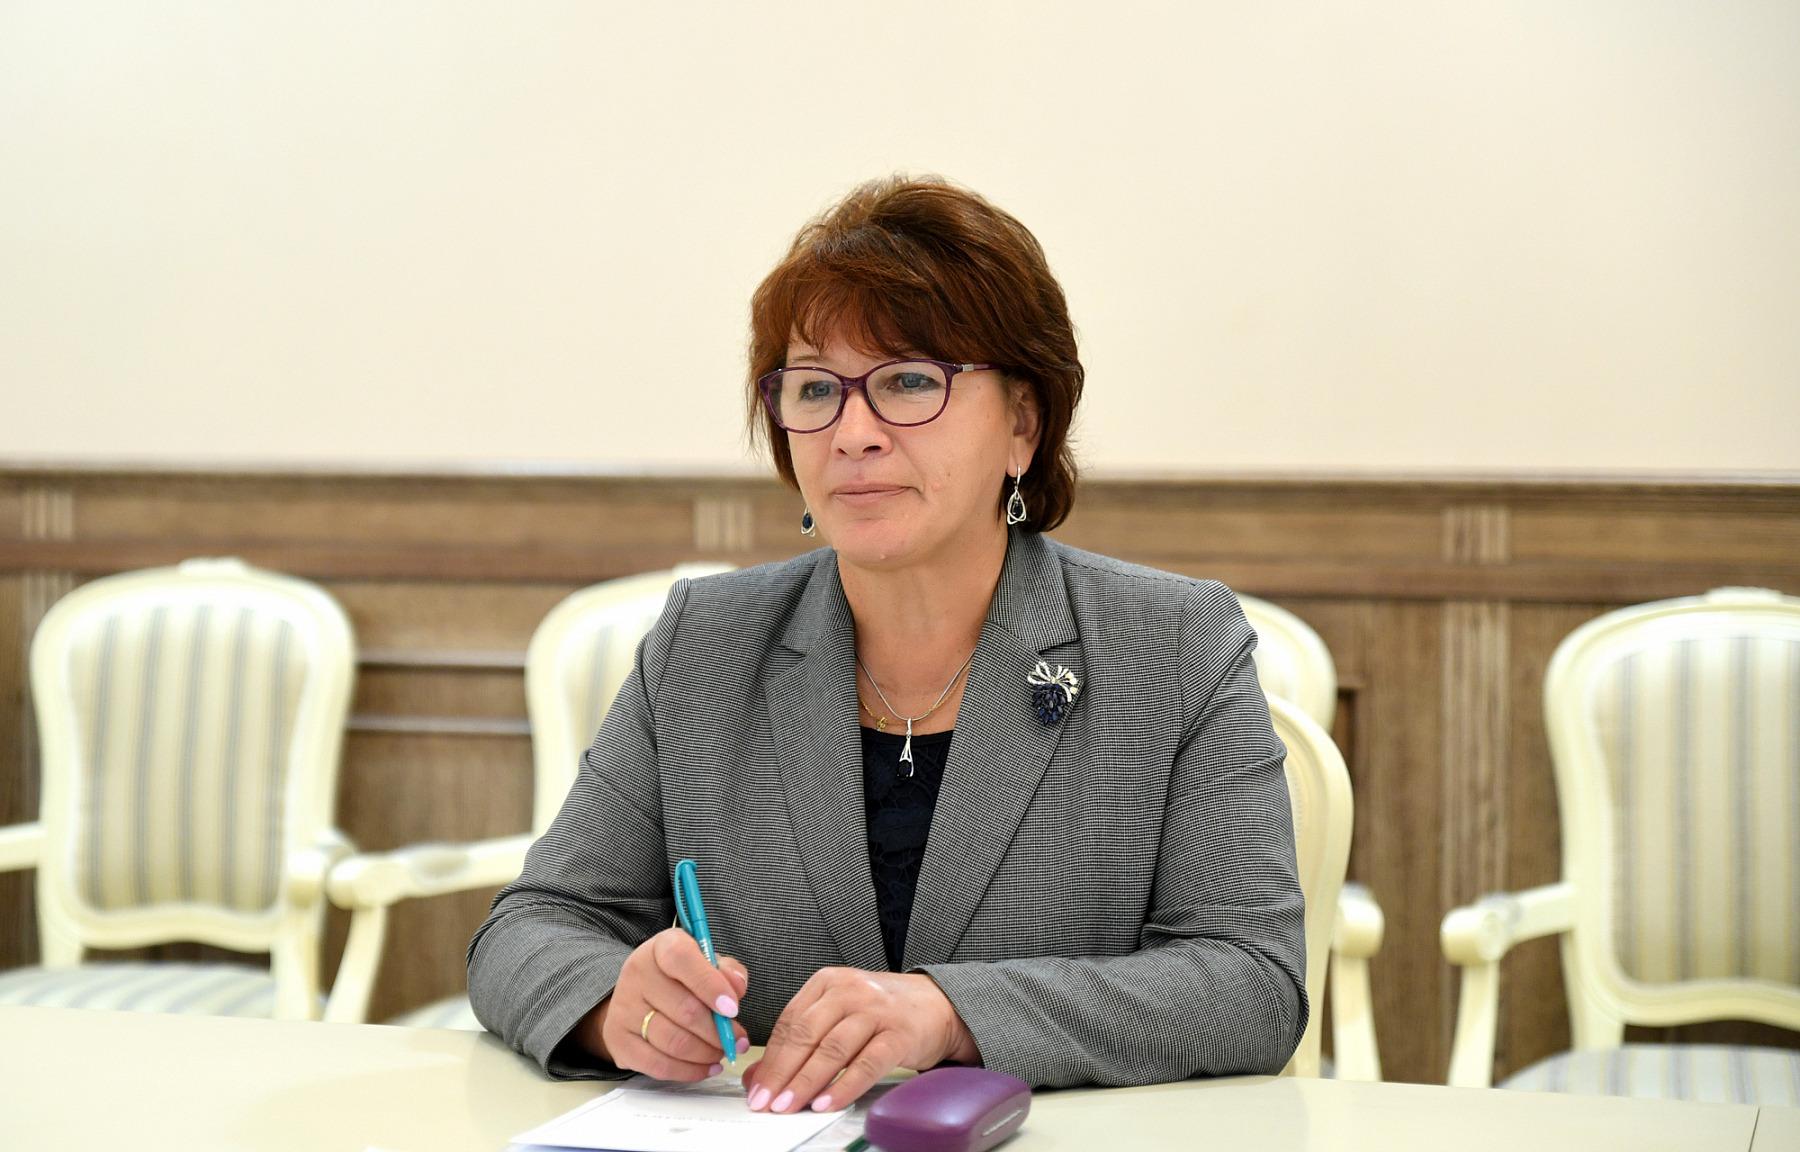 Наталья Рощина: Выбирая «Единую Россию», многие будут голосовать за губернатора